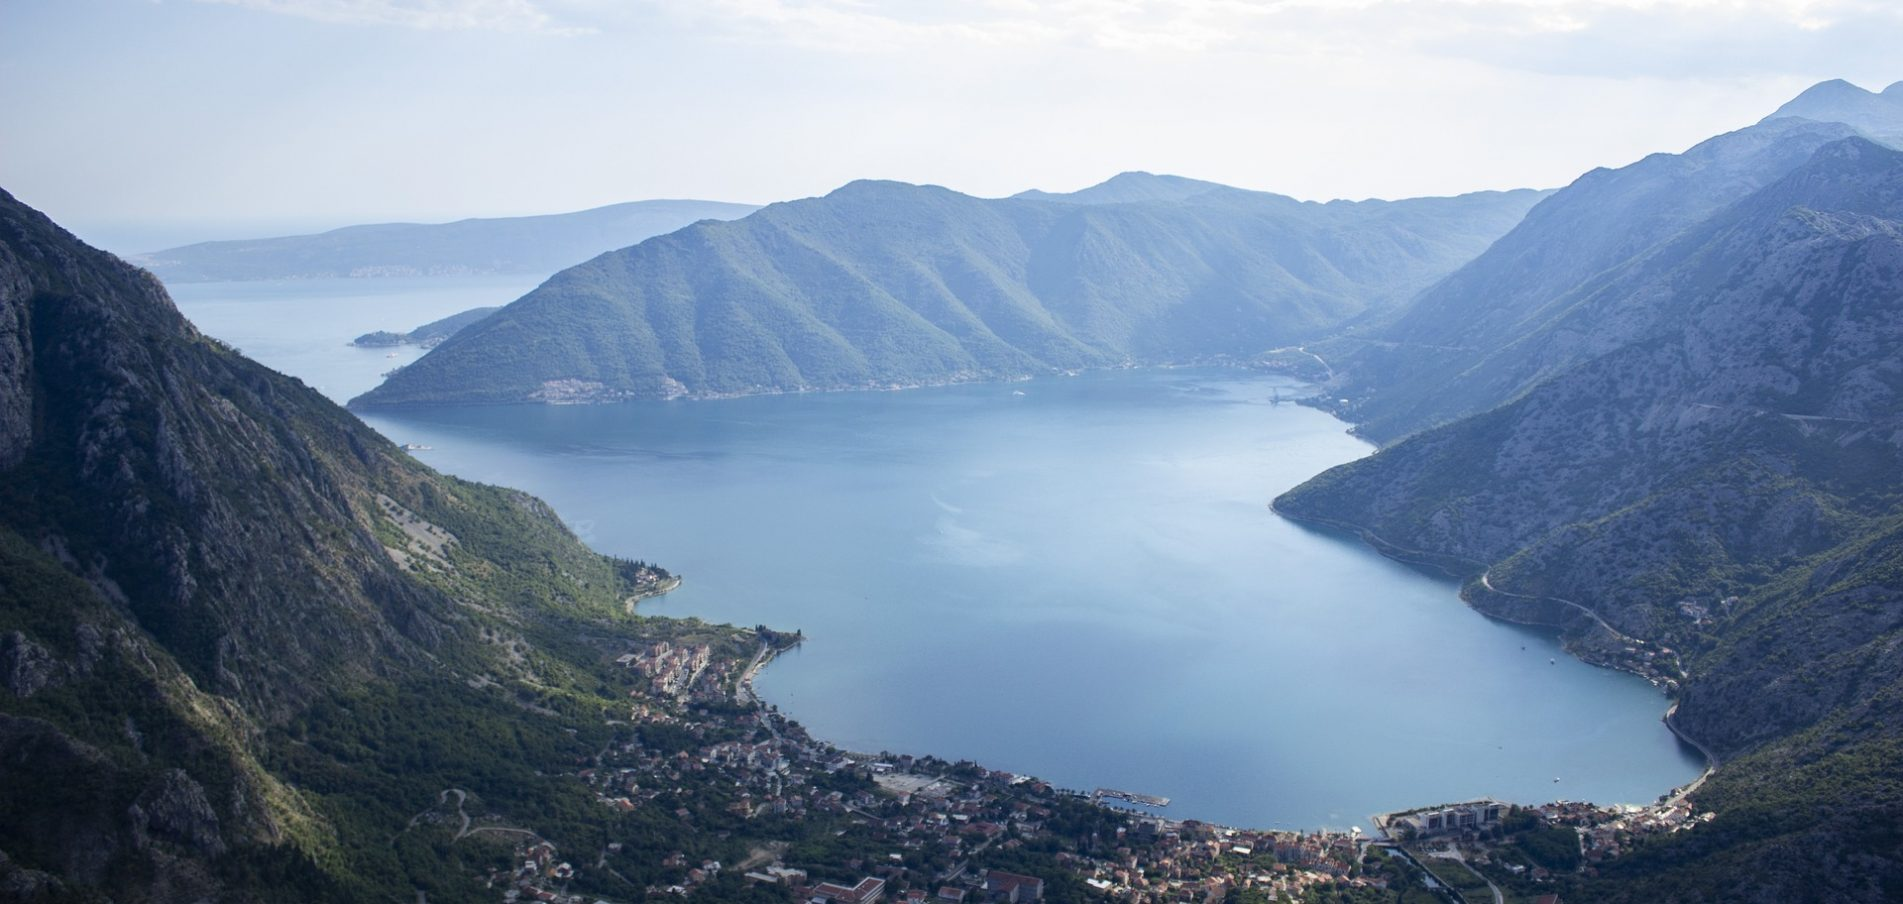 Willkommen in Montenegro  … wenn Gott malt.